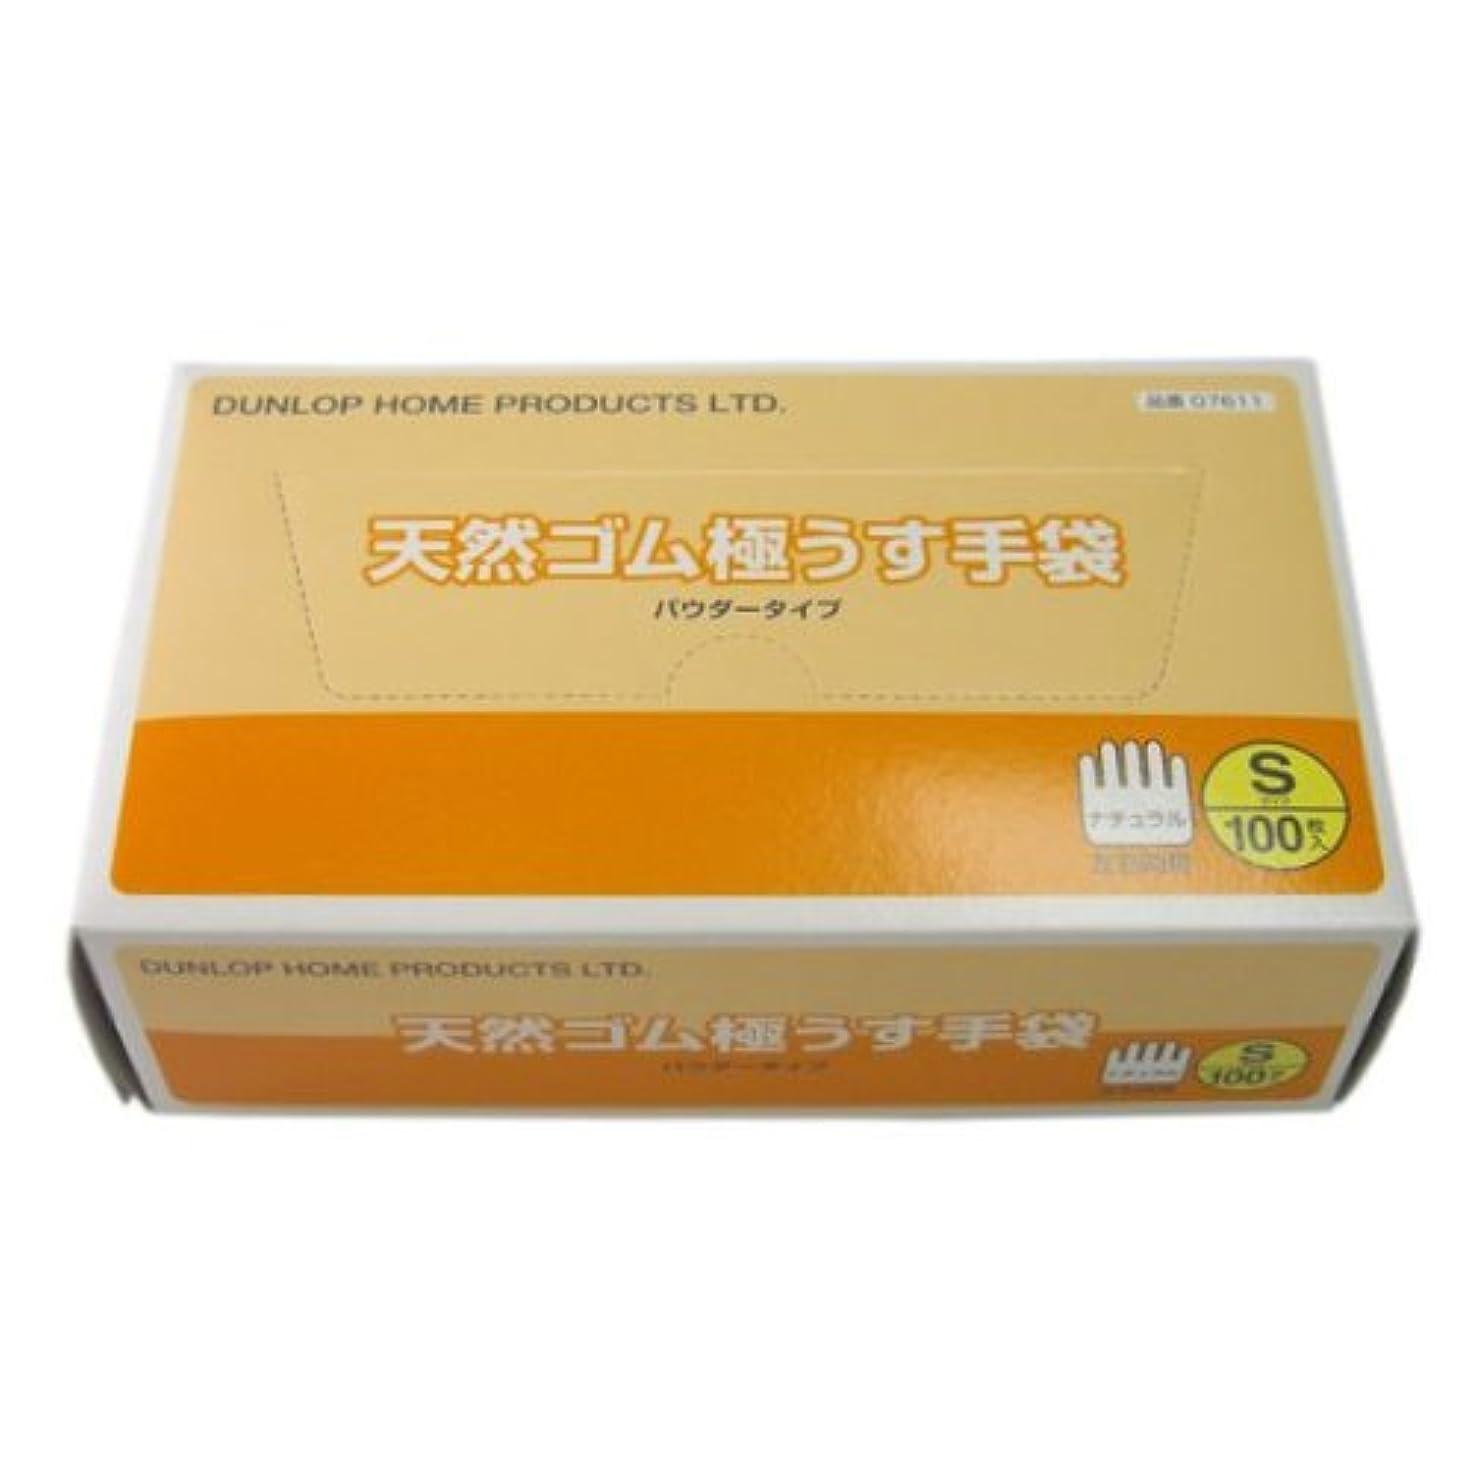 冷ややかなスティーブンソン作物ダンロップ 天然ゴムラテックス極うす手袋 Sサイズ 100枚入